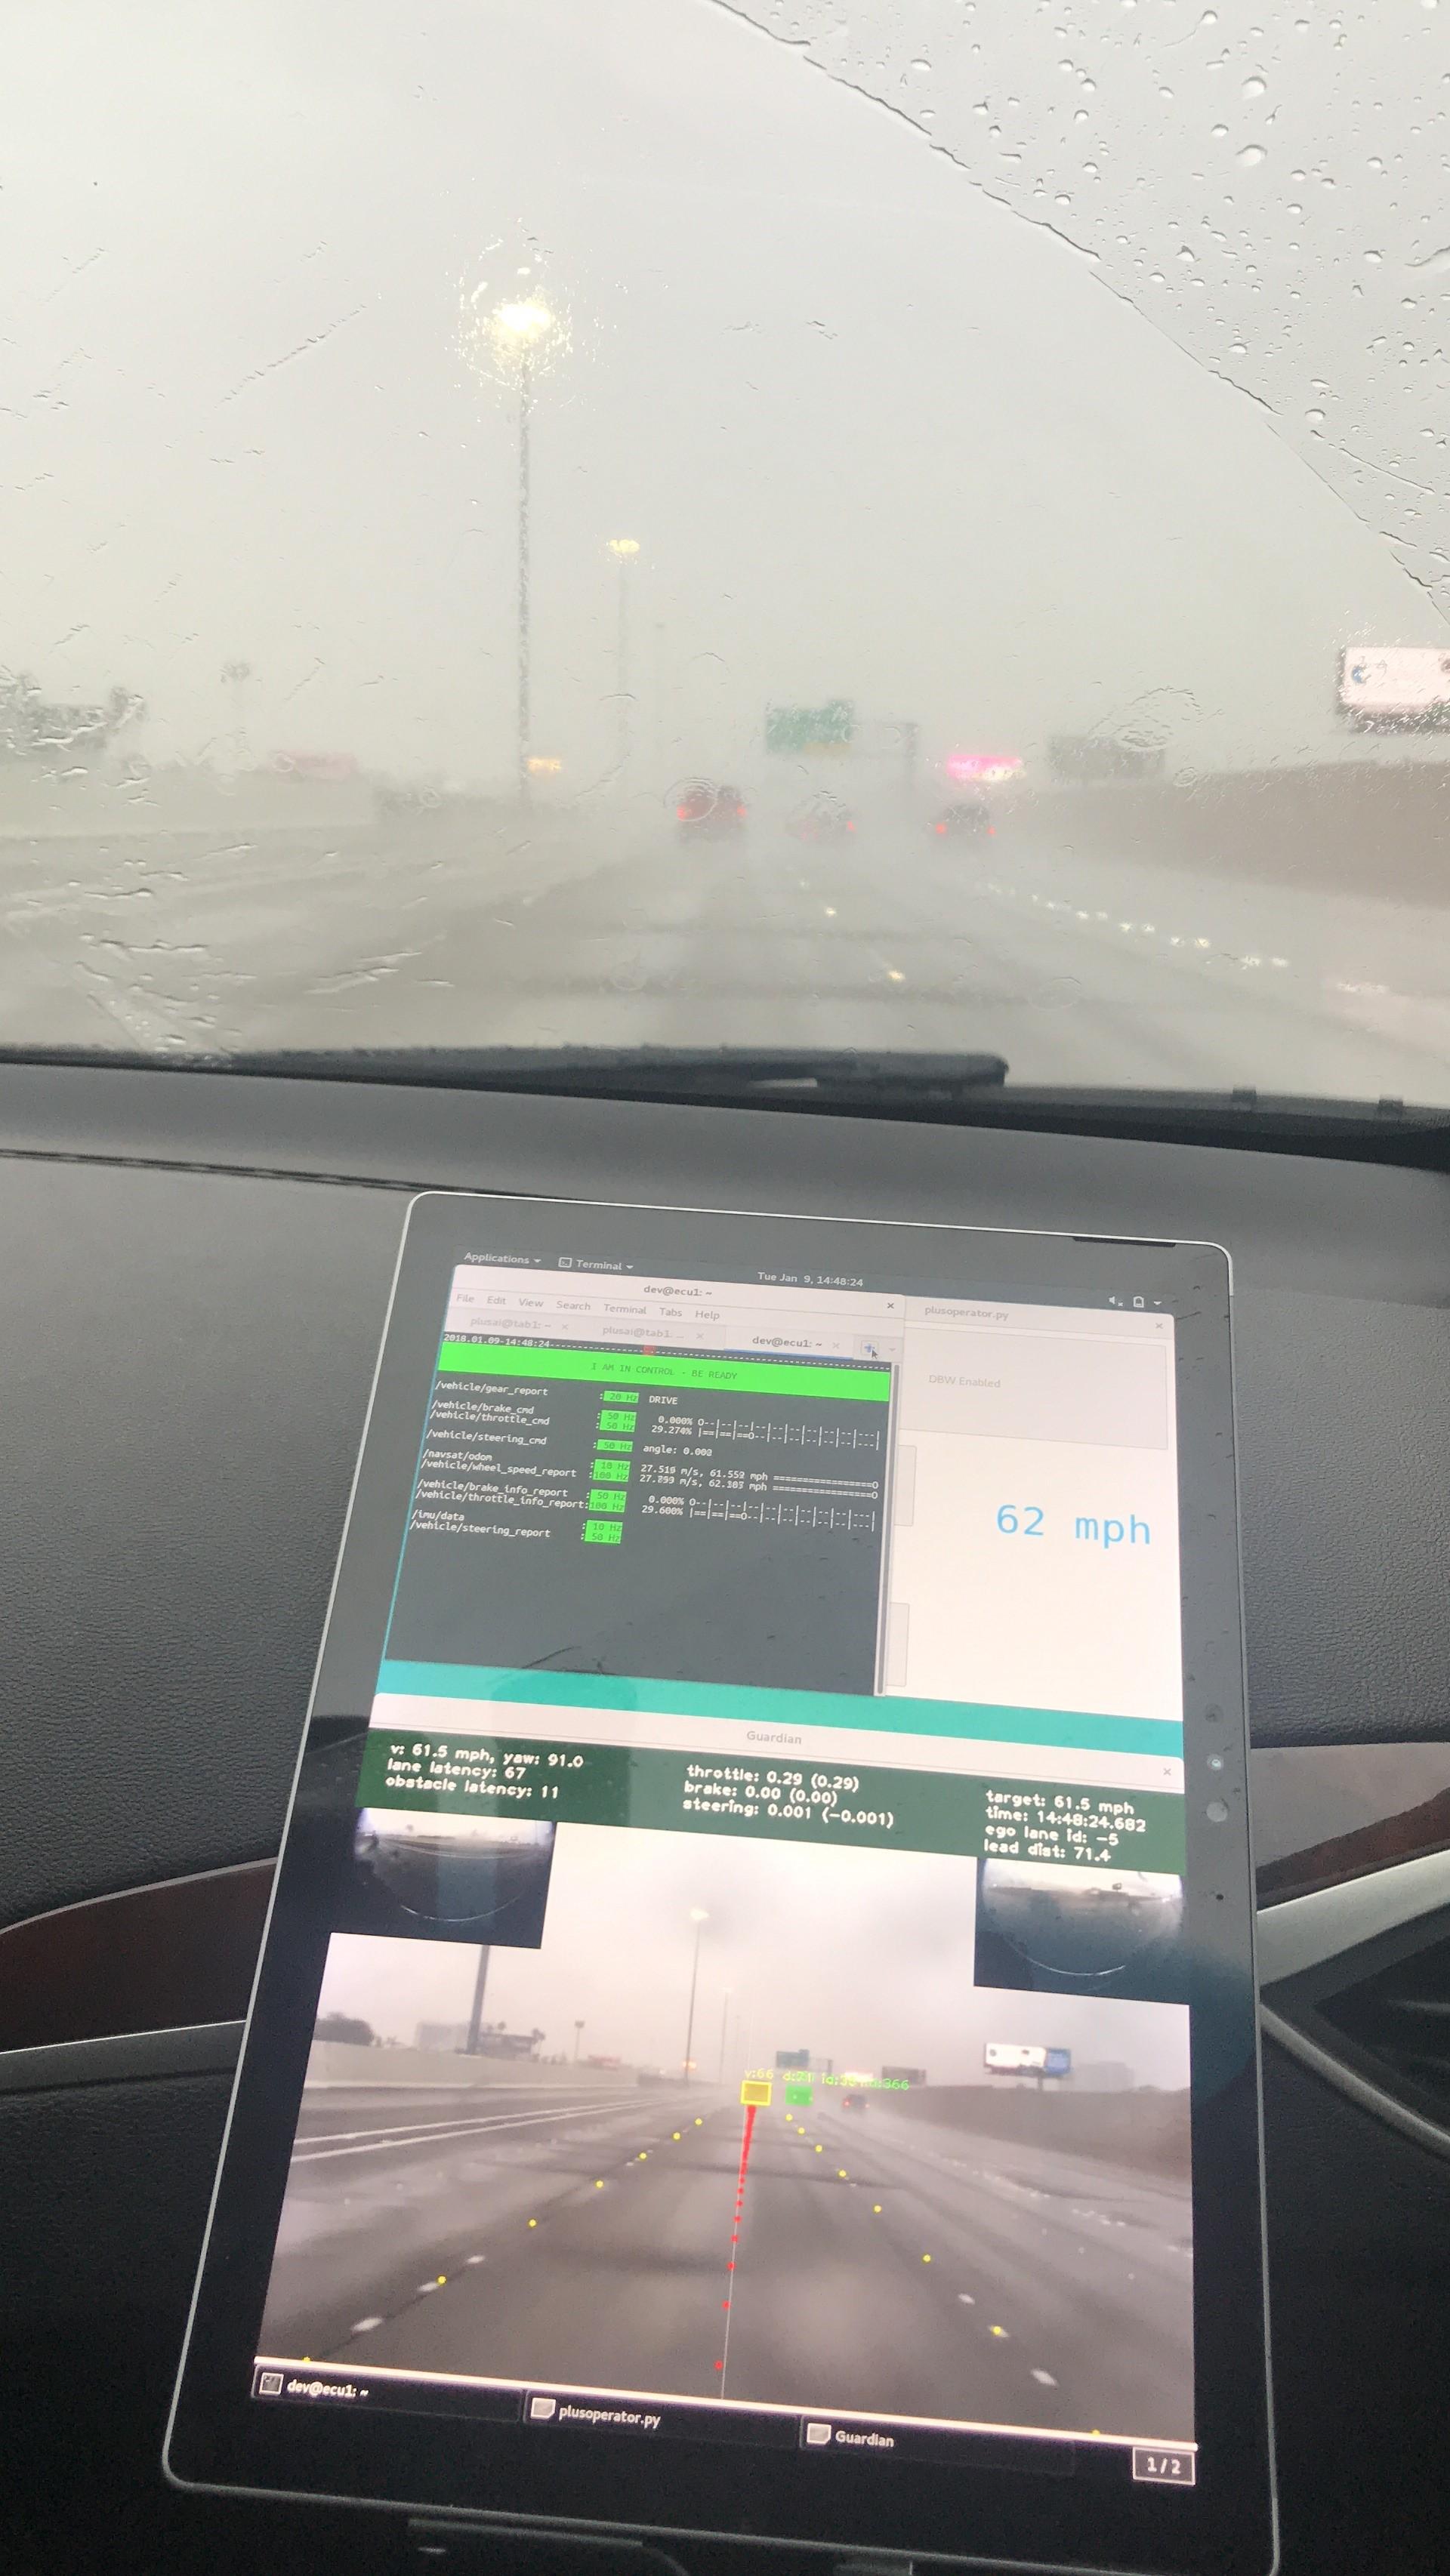 CES2018:智加科技无人驾驶经受住CES暴雨考验